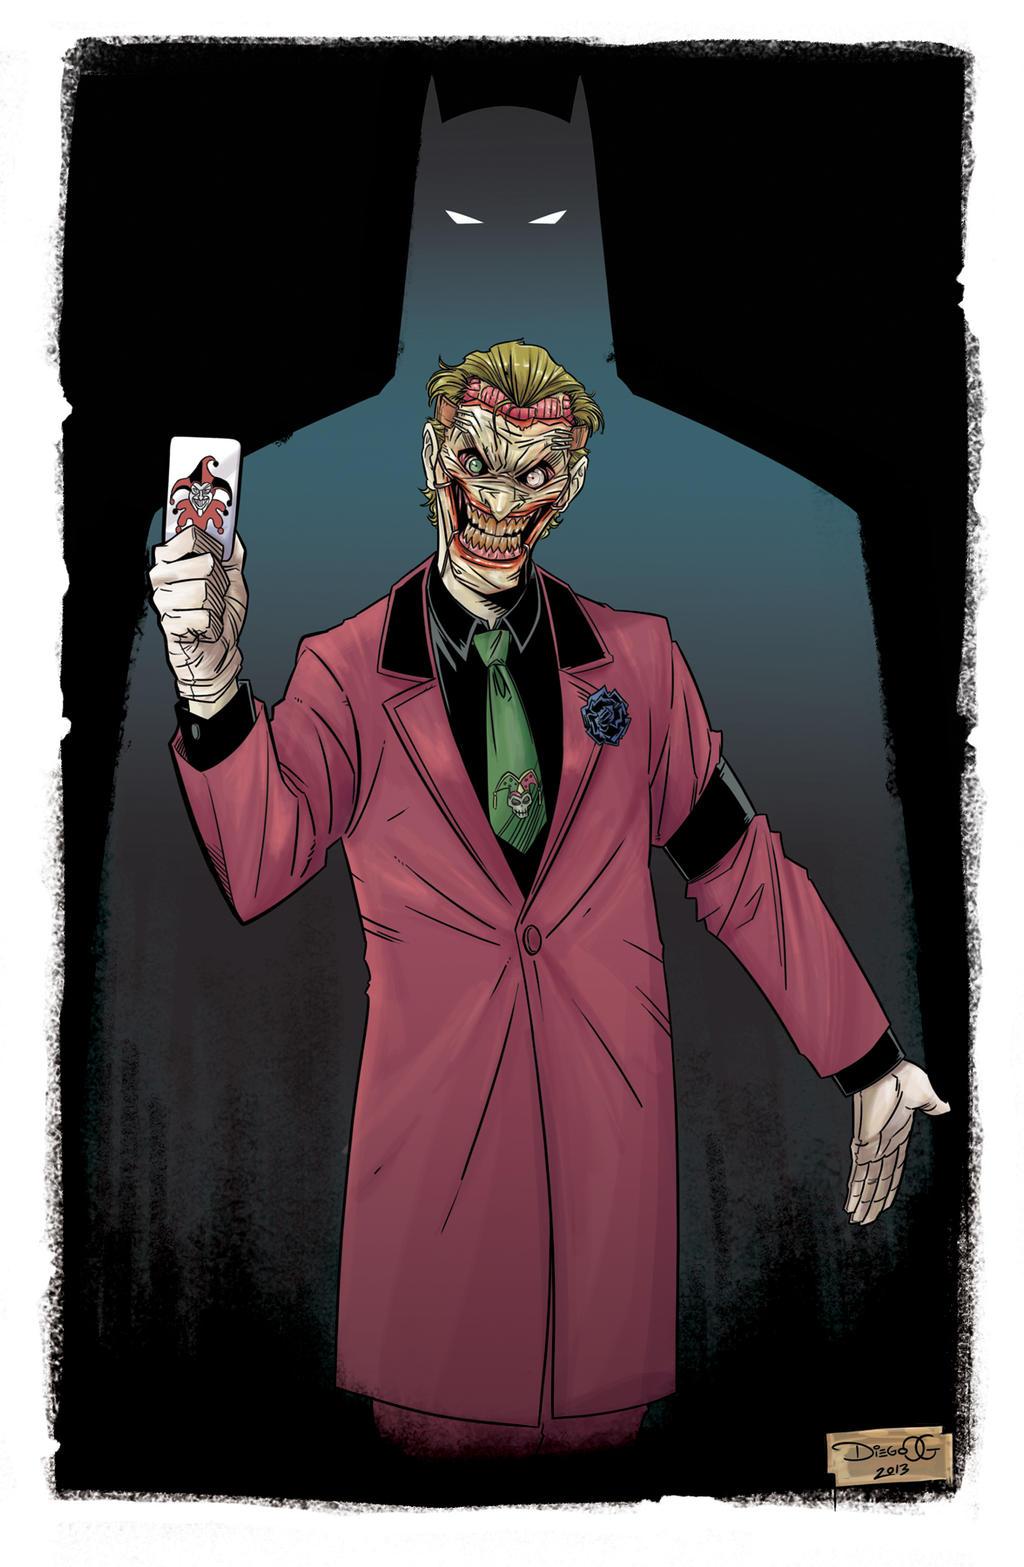 The Joker by DiegoOlortegui